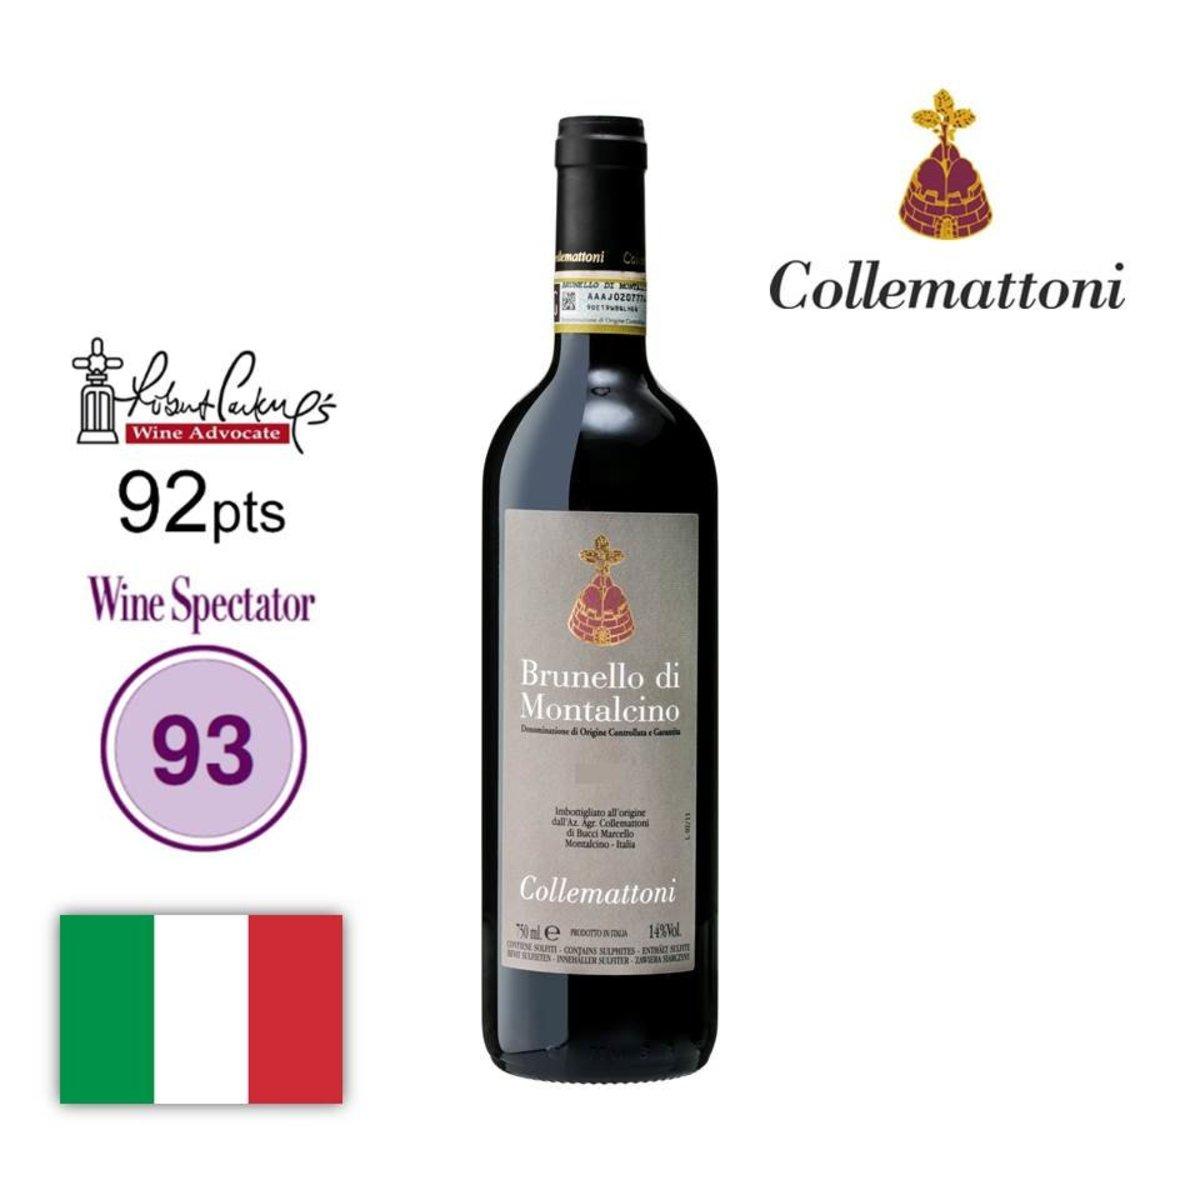 Brunello di Montalcino 2007 DOCG (紅酒)